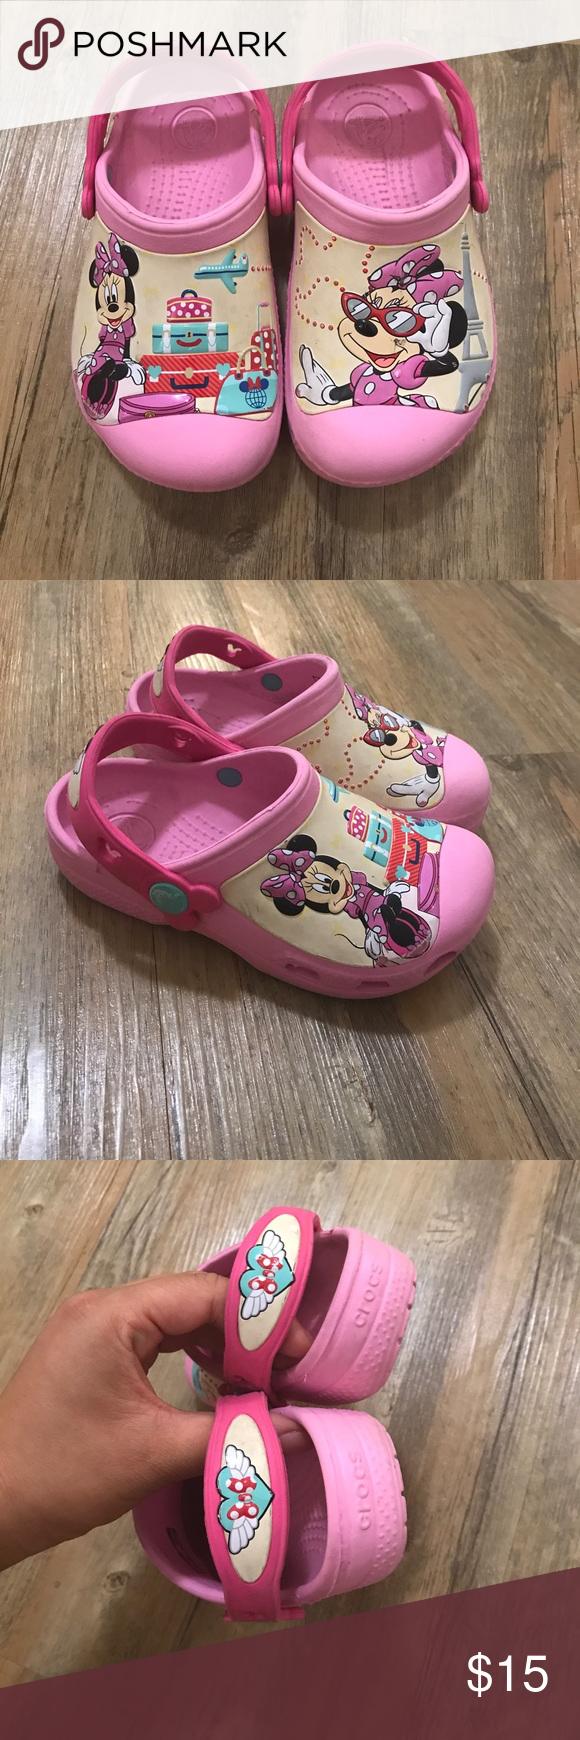 191af5f7dbdfa1 Disney Minnie Mouse crocs kids size 10-11 Worn multiple times. Very cute  pink Minnie Mouse crocs size 10-11 kids CROCS Shoes Sandals   Flip Flops